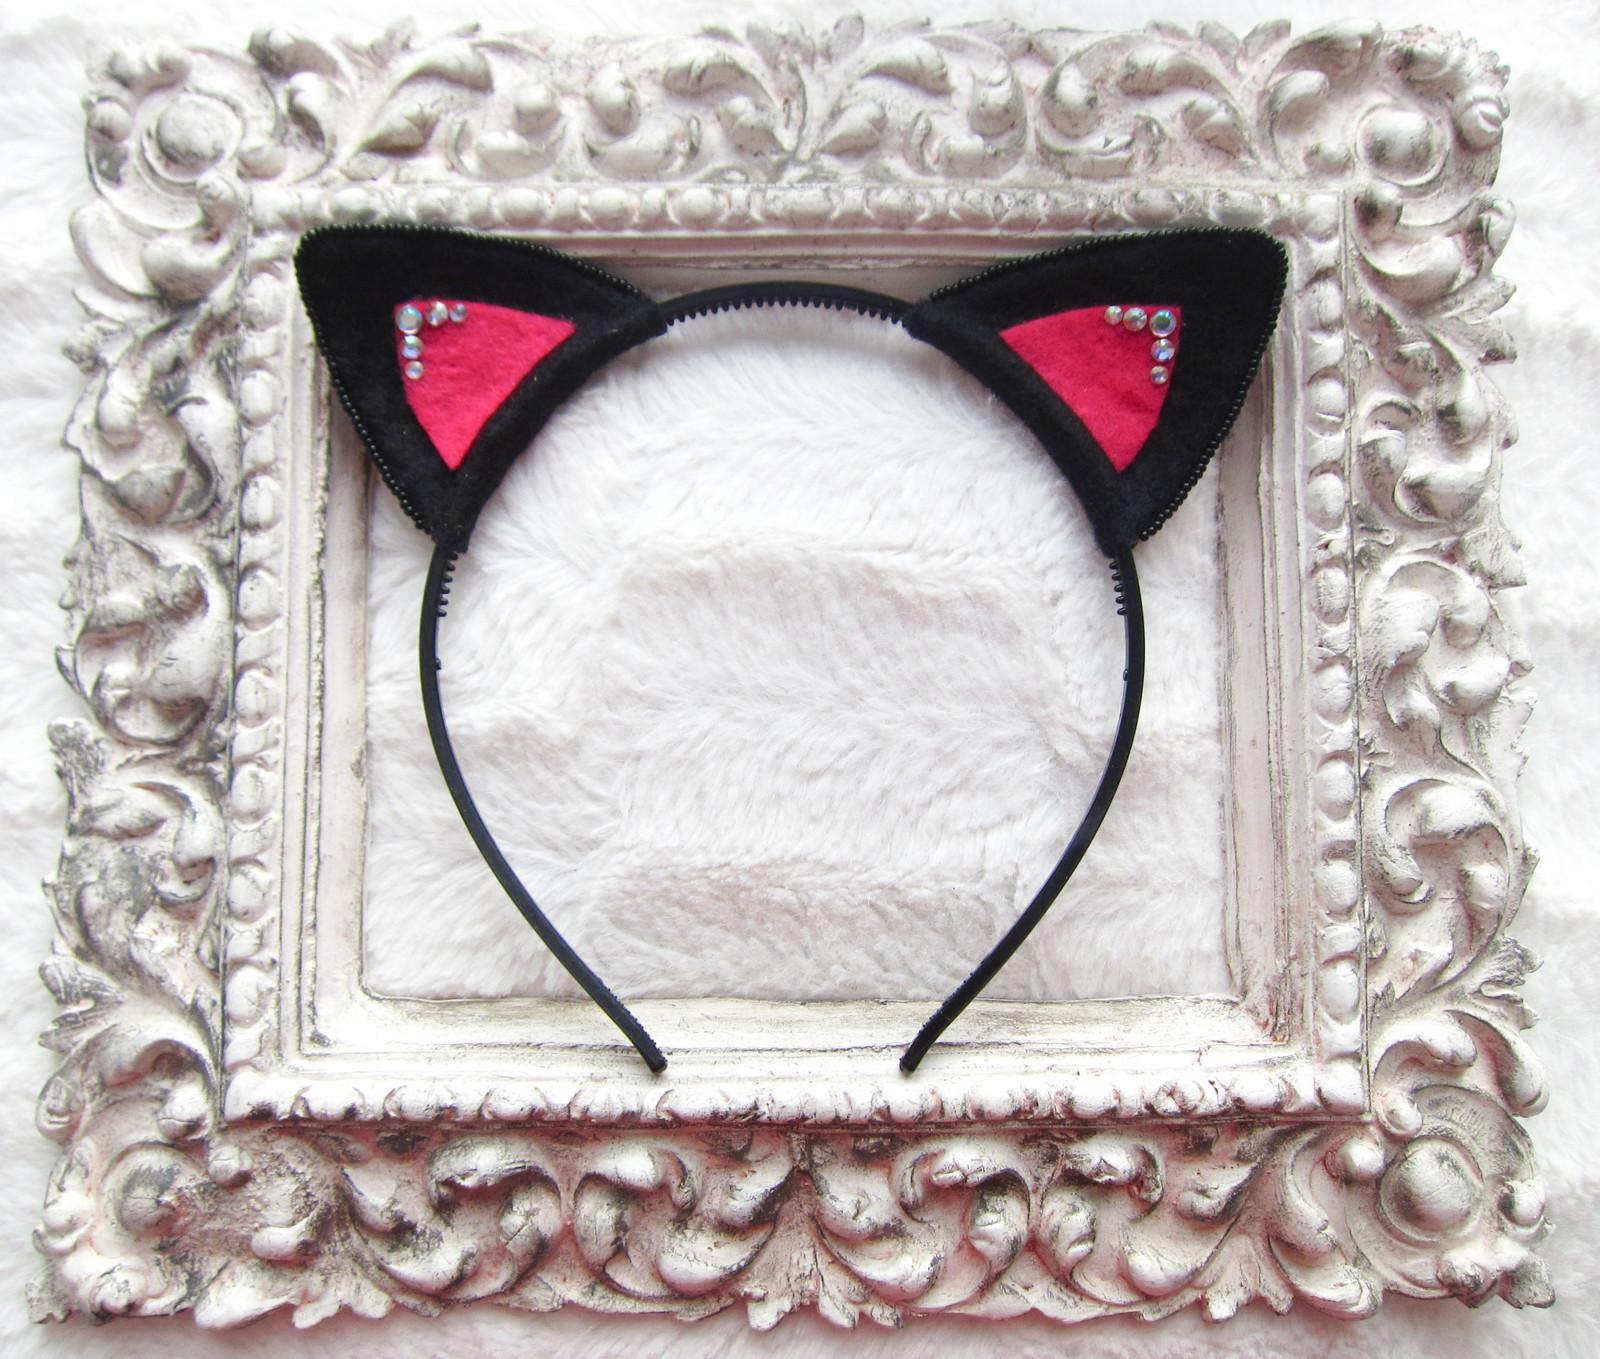 Čelenka kočičí uši - černé s krystaly   Zboží prodejce Dragonicca´s ... 7ba7c08143